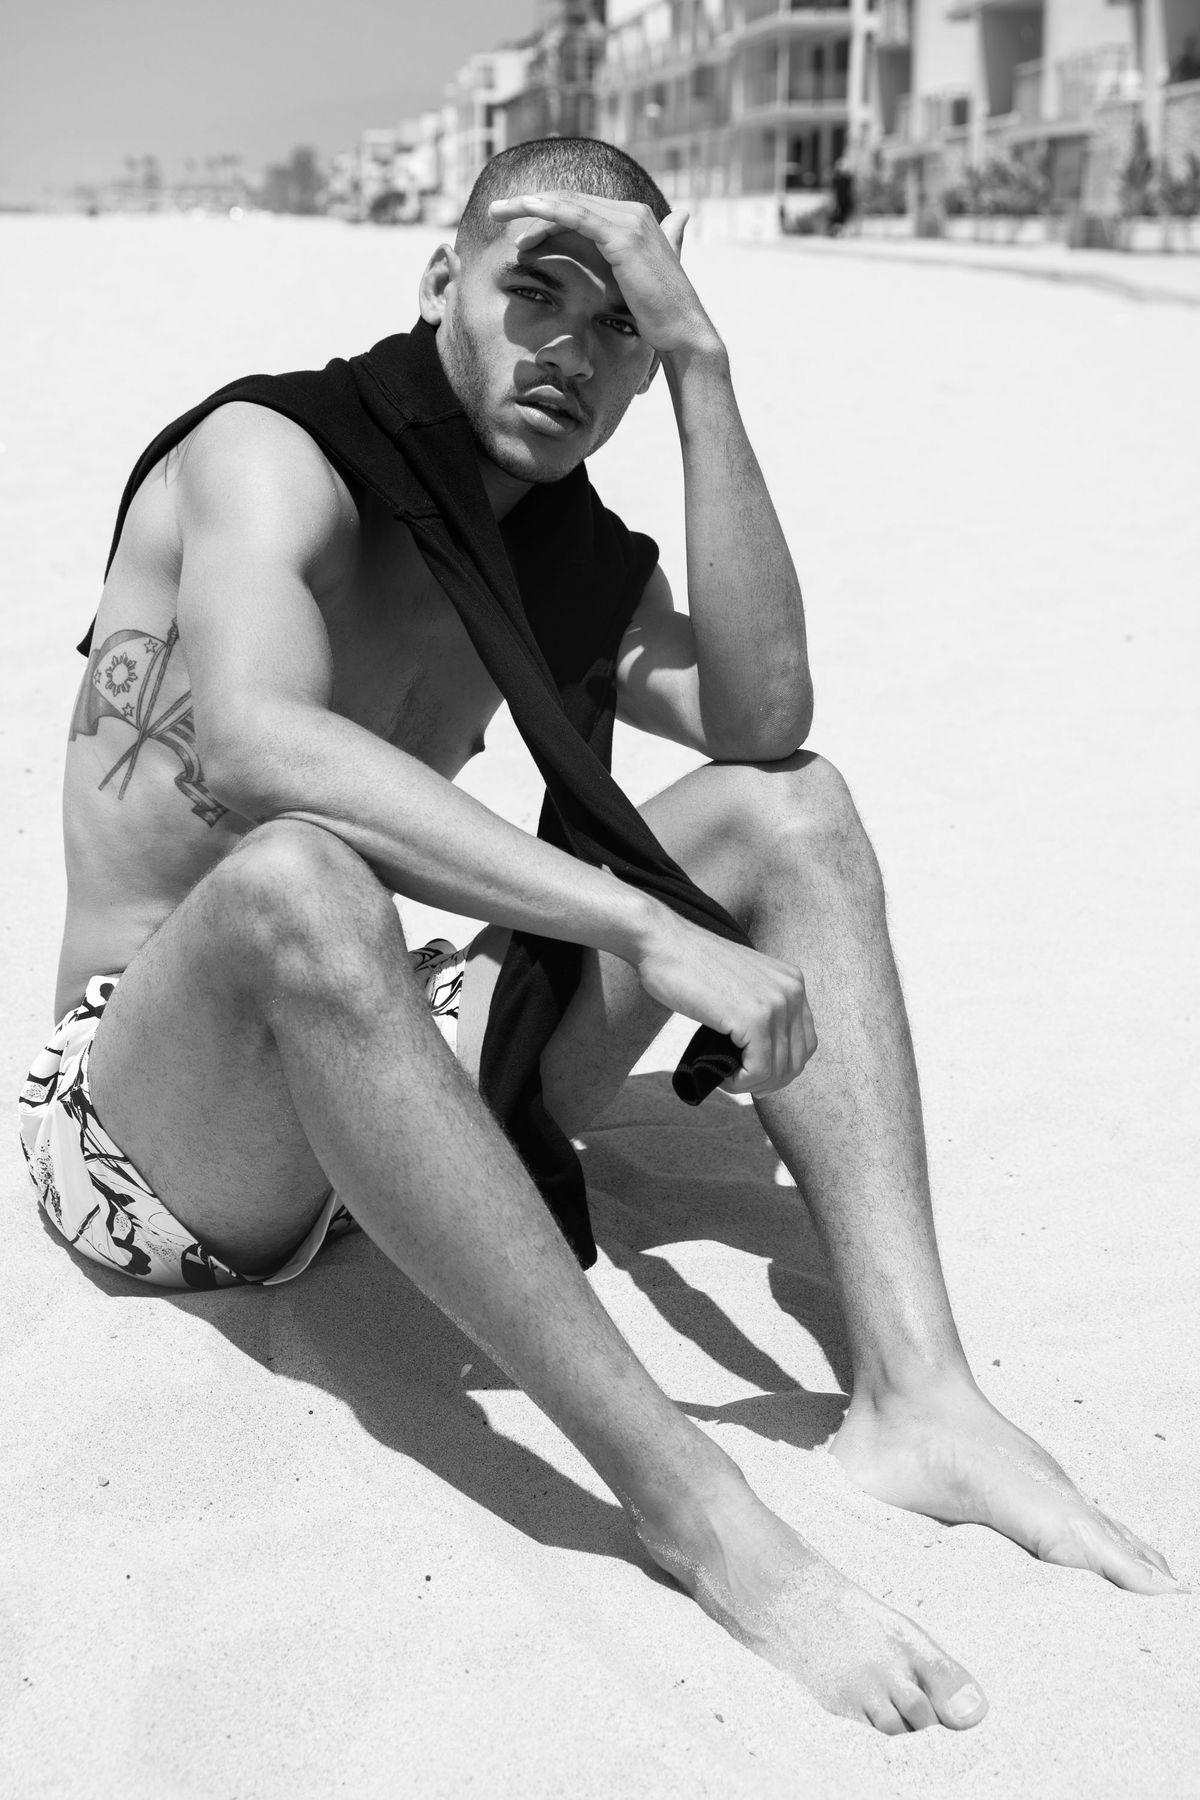 Model Noah Decorsi